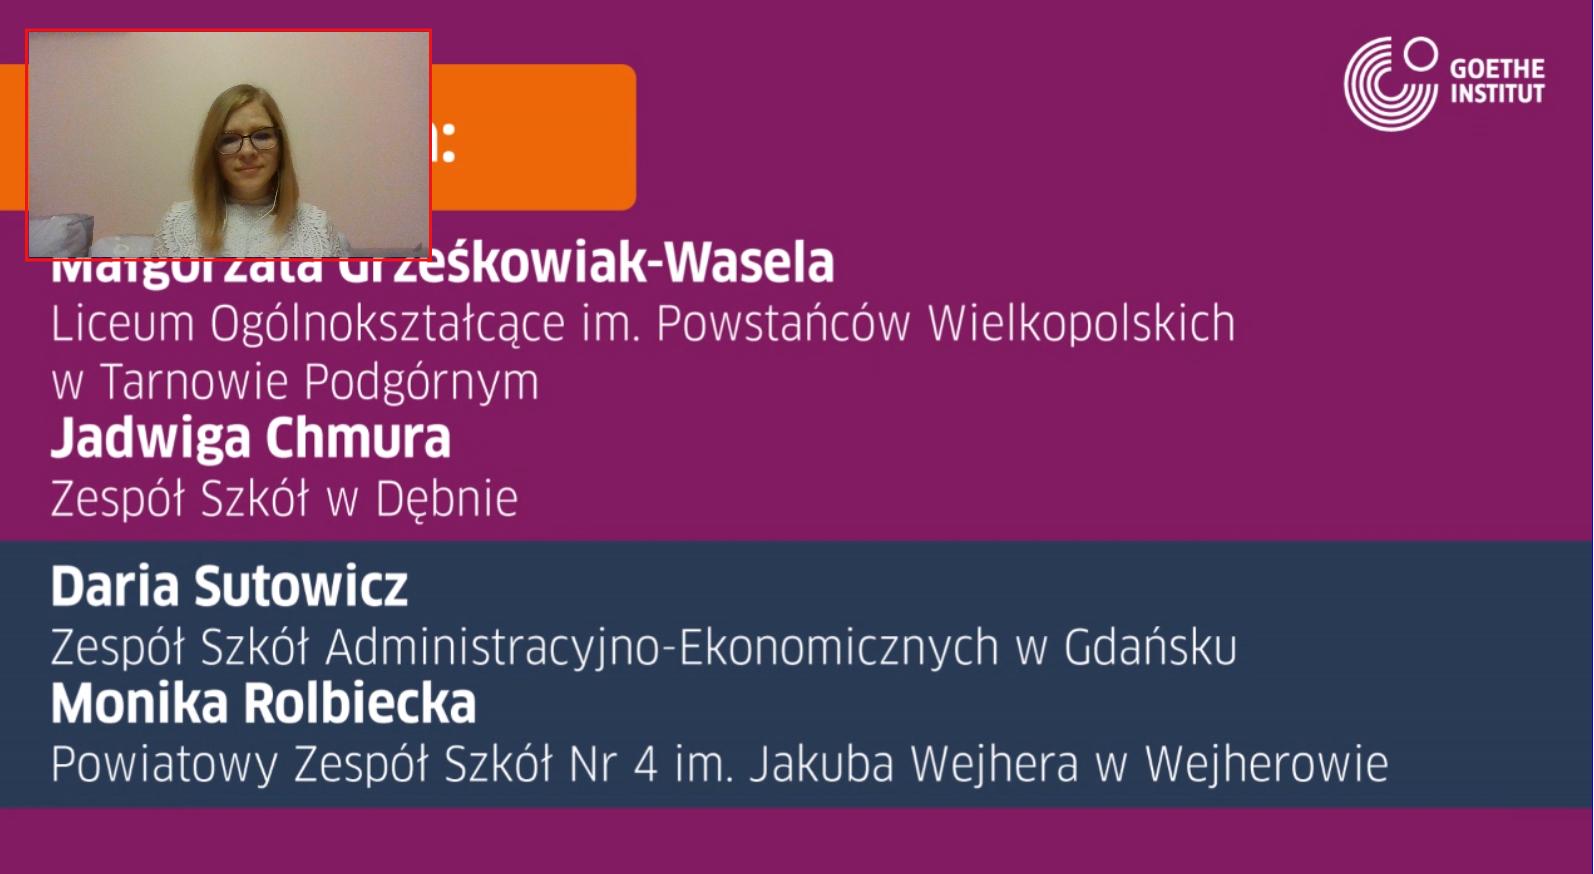 Cyfrowy nauczyciel roku szkolnego 2020/21. Prezentacja Moniki Rolbieckiej